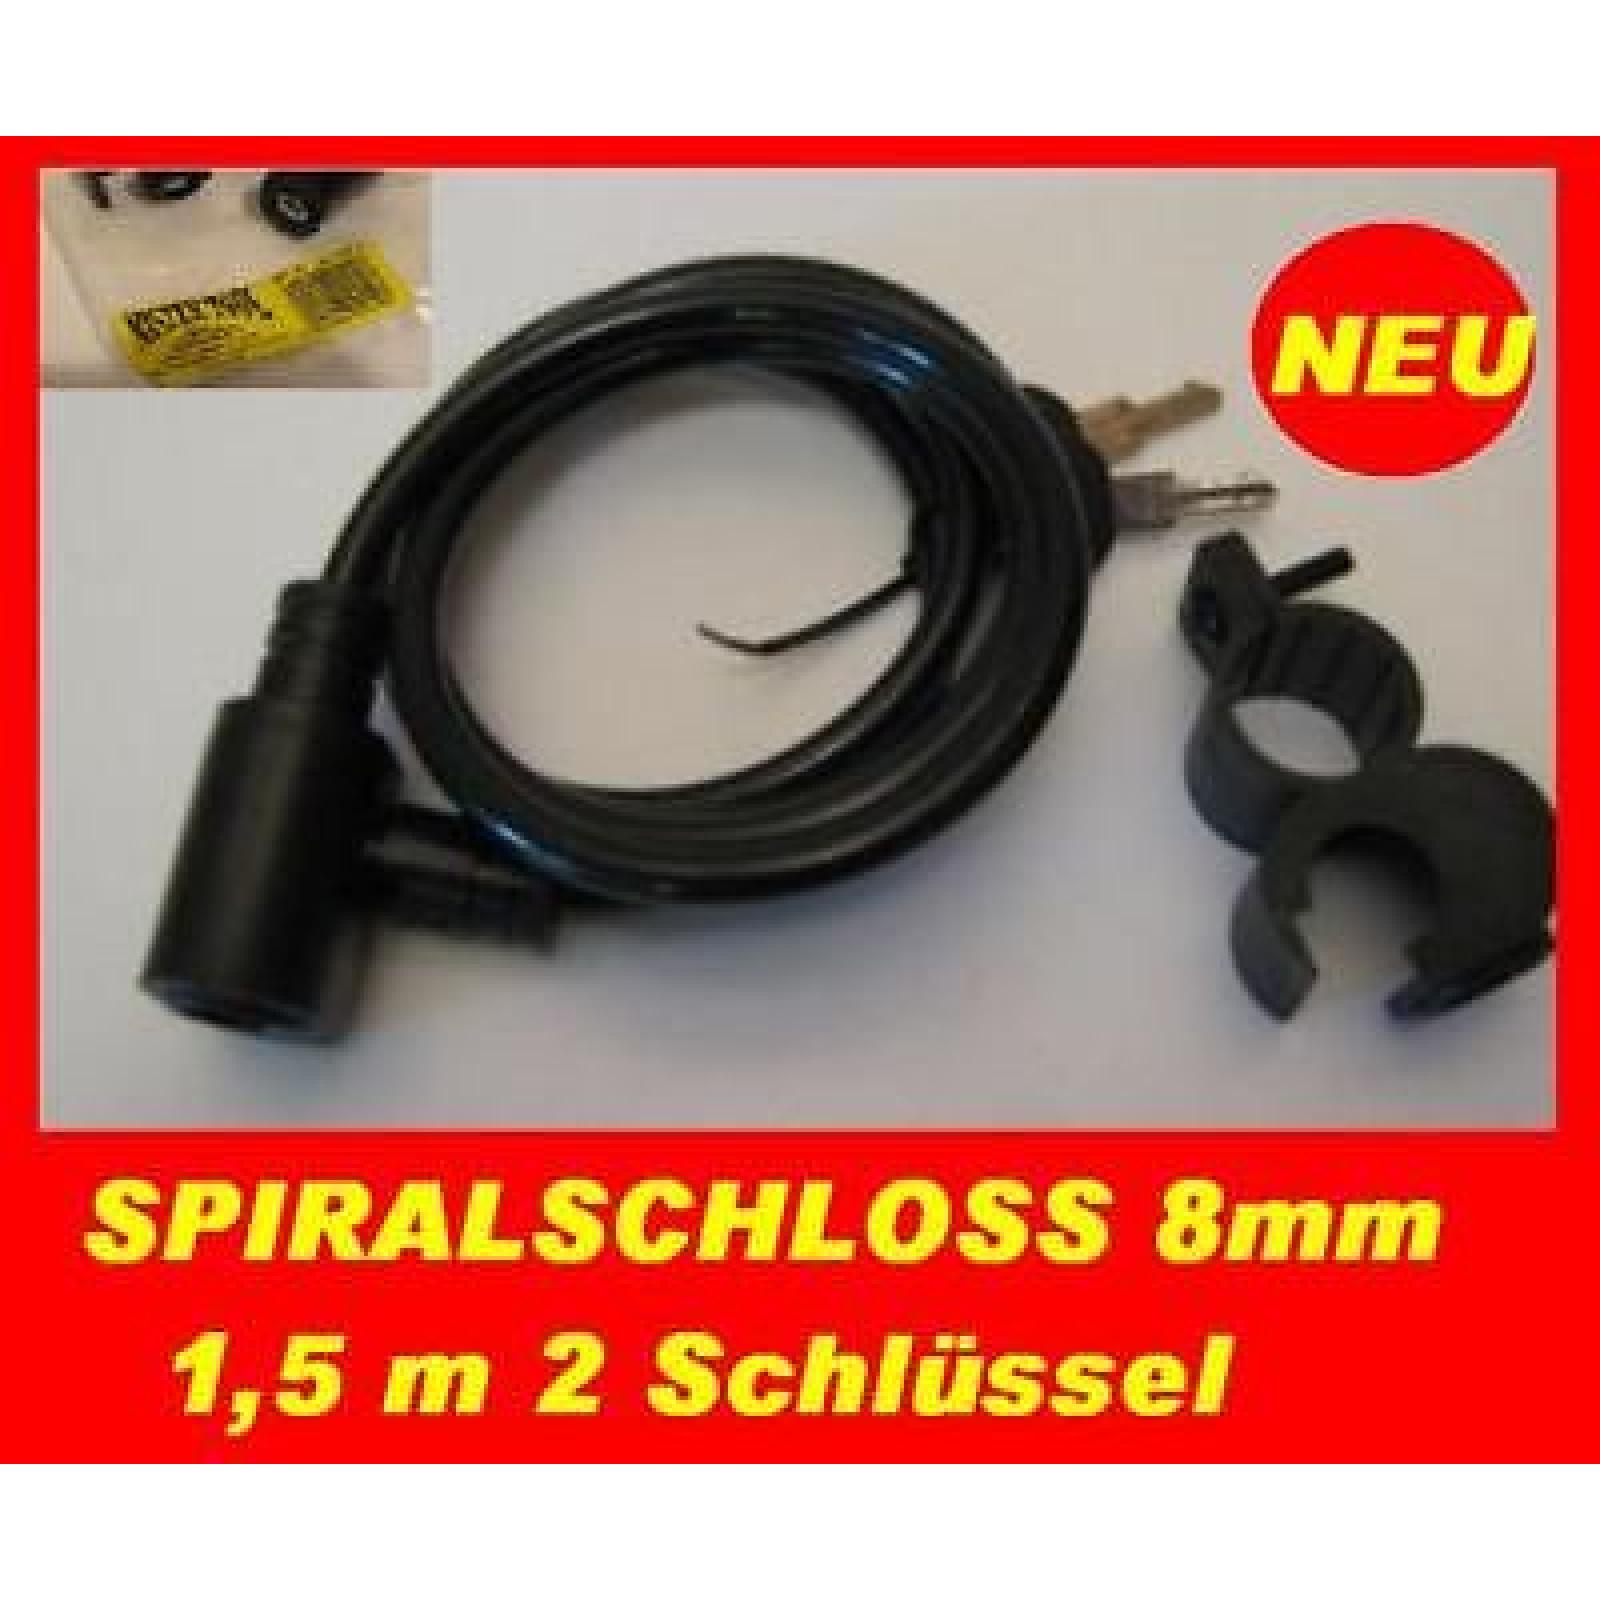 Mister Tool Fahrrad Schloss mit Halterung Fahrradschloss Motorrad Mofa 150cm 8mm